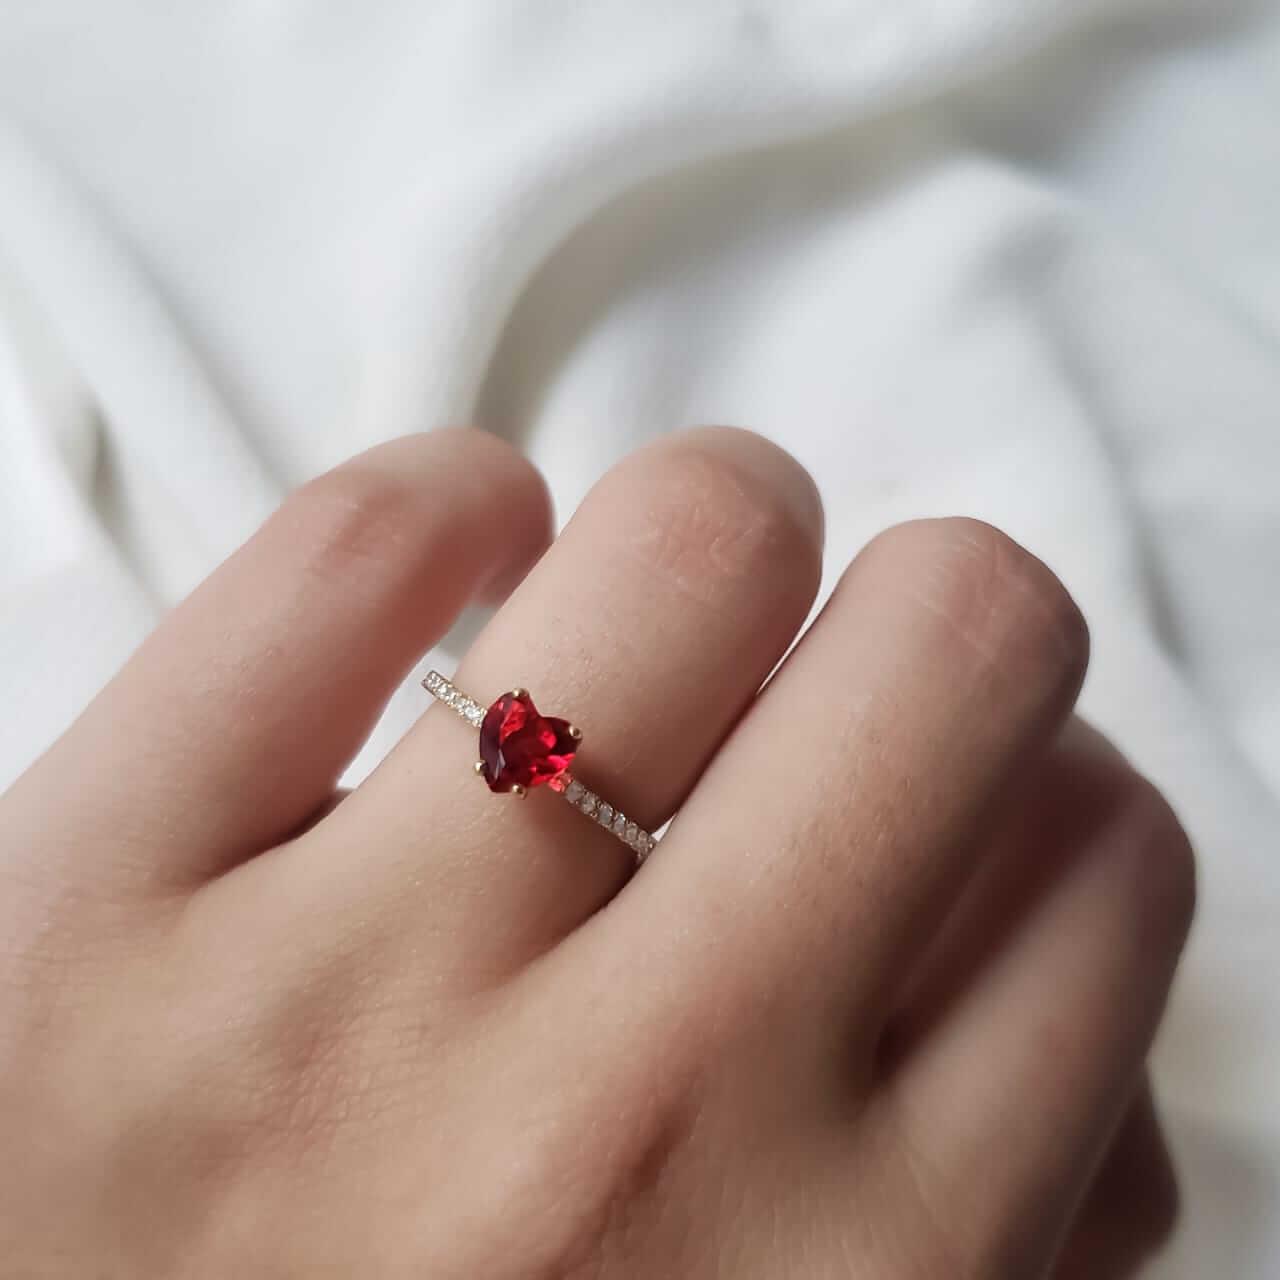 Anel Solitário Ruby Coração em Ouro 18k